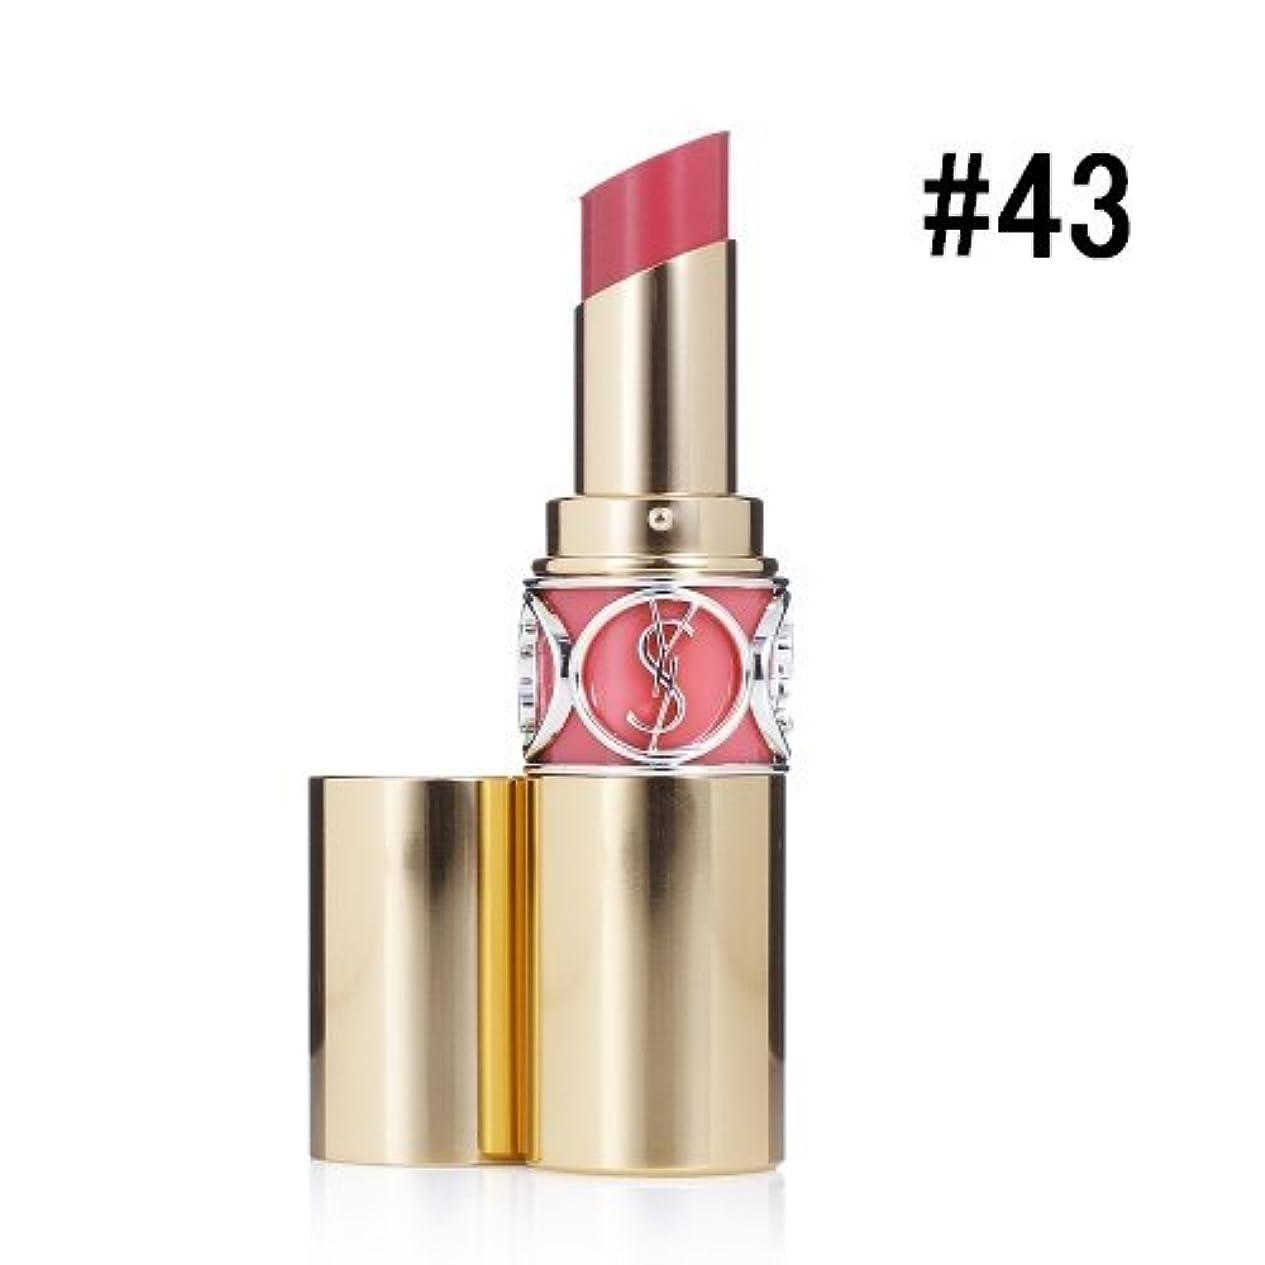 検証今晩取り替えるイヴサンローラン(Yves Saint Laurent) ルージュ ヴォリュプテ シャイン #43 ROSE RIVE GAUCHE 4.5g [並行輸入品]